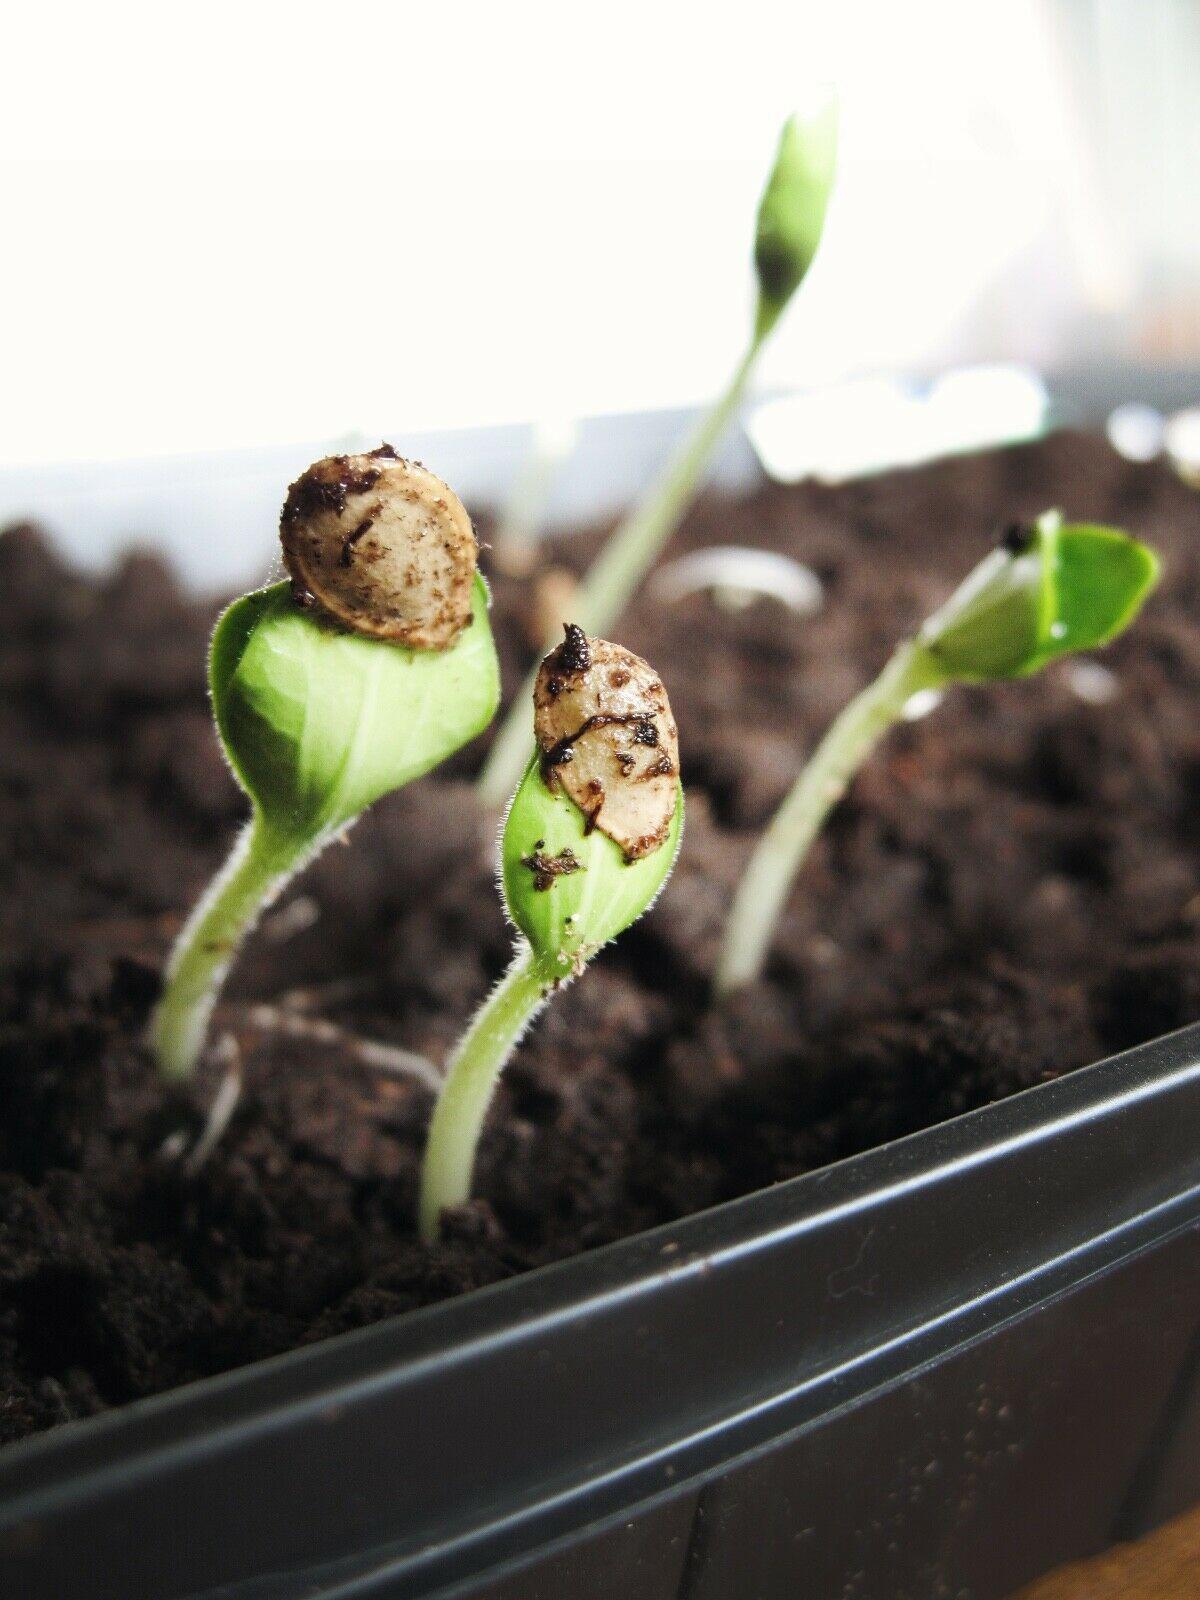 10 silene capensis / 2 calea zacatechichi pods (dream herb